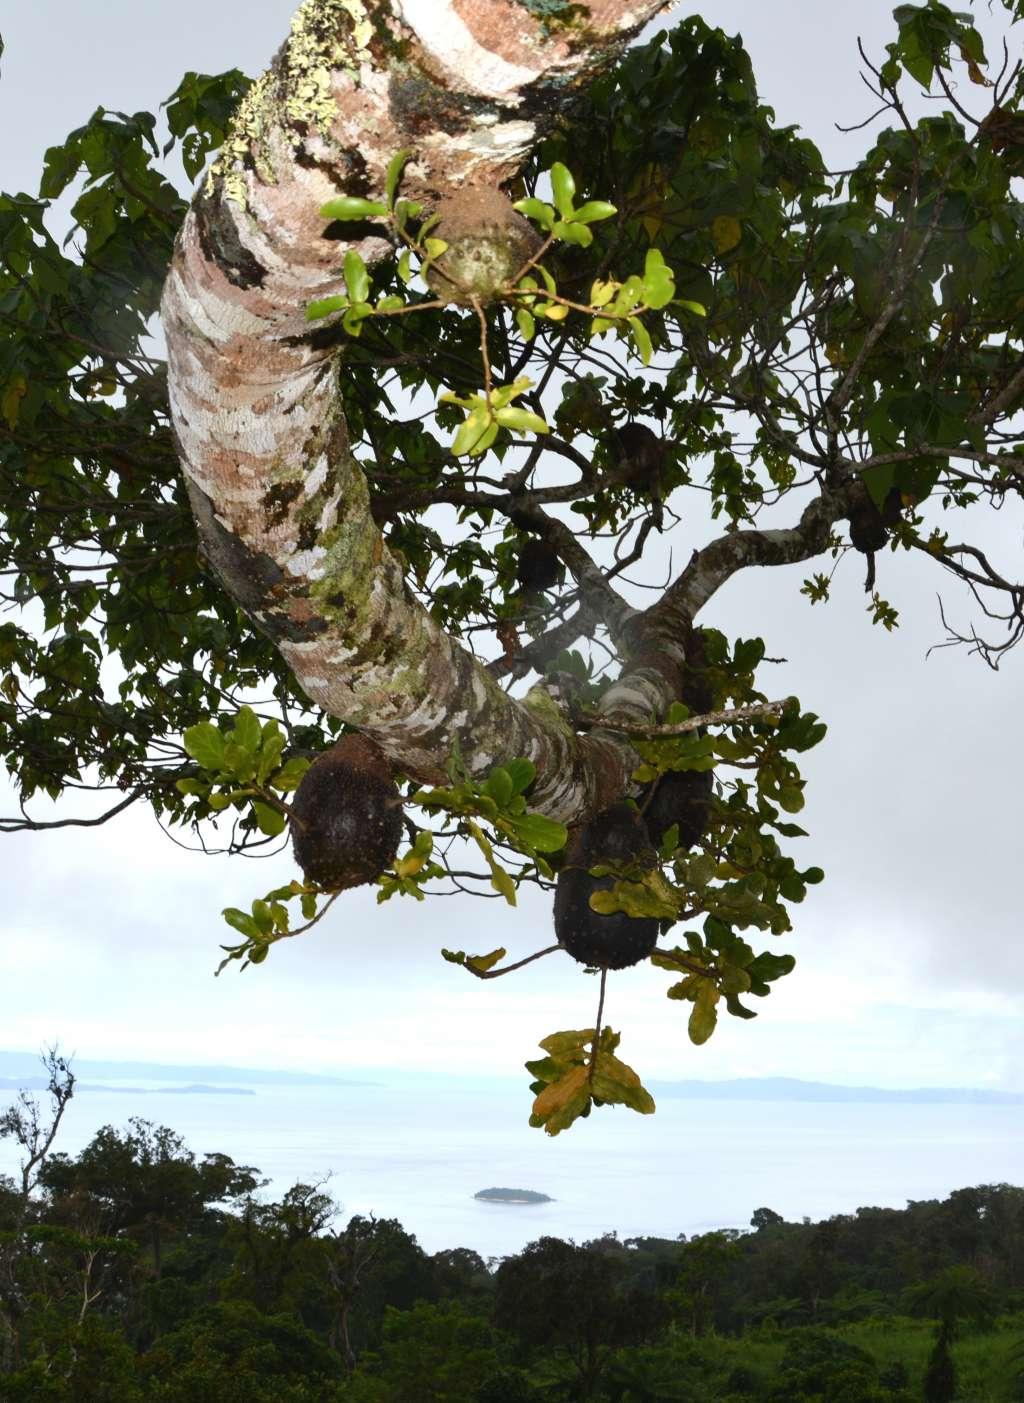 Hier zie je een boom waarin de mieren 'tuinieren'. De mooie kamertjes die de door hen gecultiveerde planten creëren, zijn goed zichtbaar. Afbeelding: Guillaume Chomicki.